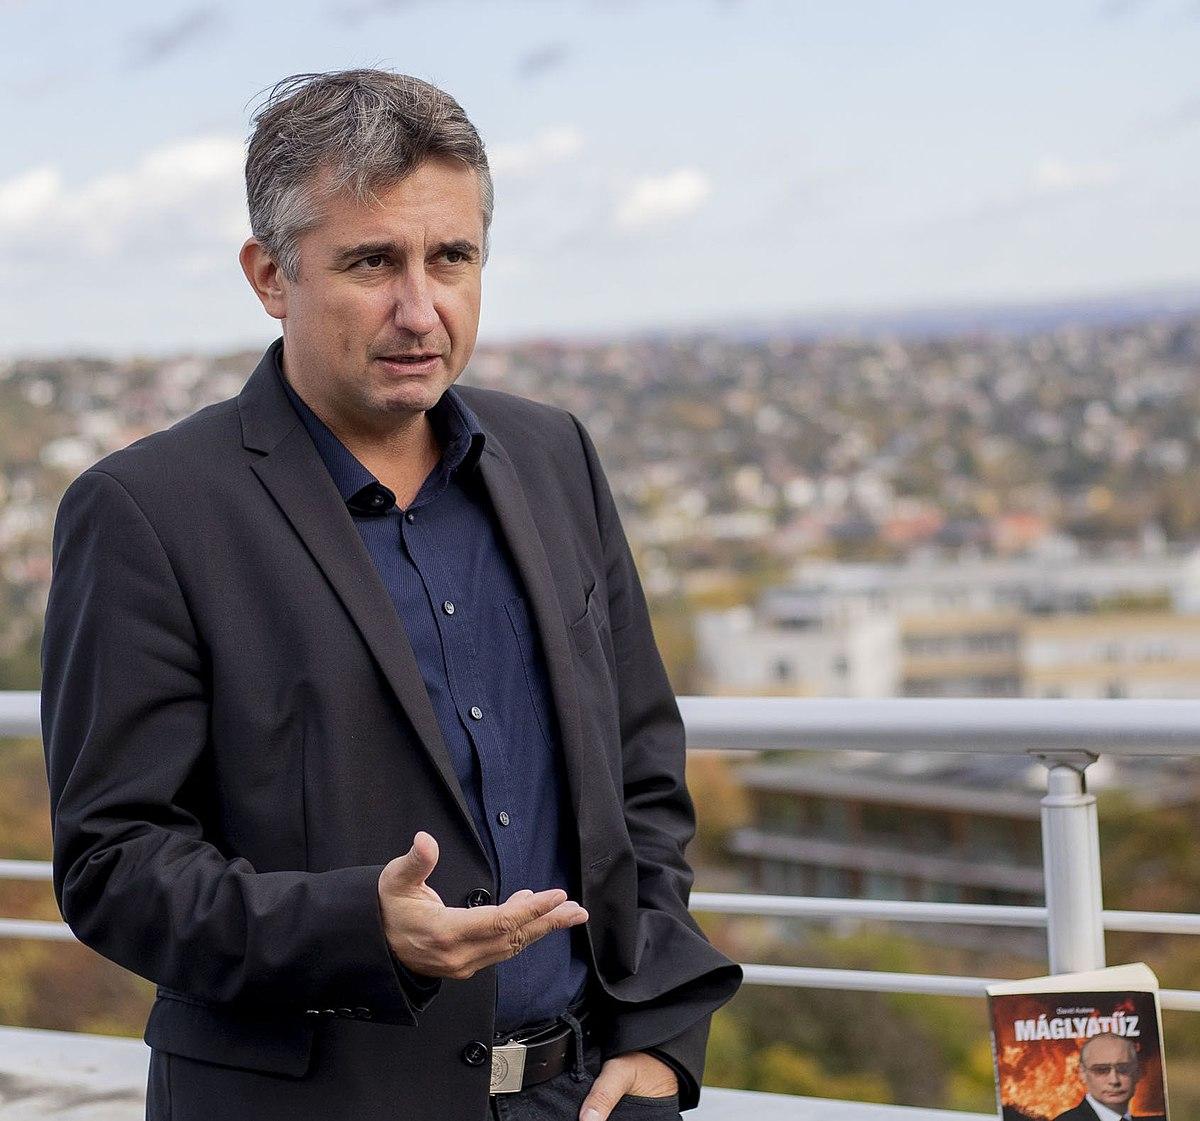 Afganisztán szakértő: Át lehetett volna formálni Afganisztánt, úgy egy évszázad alatt